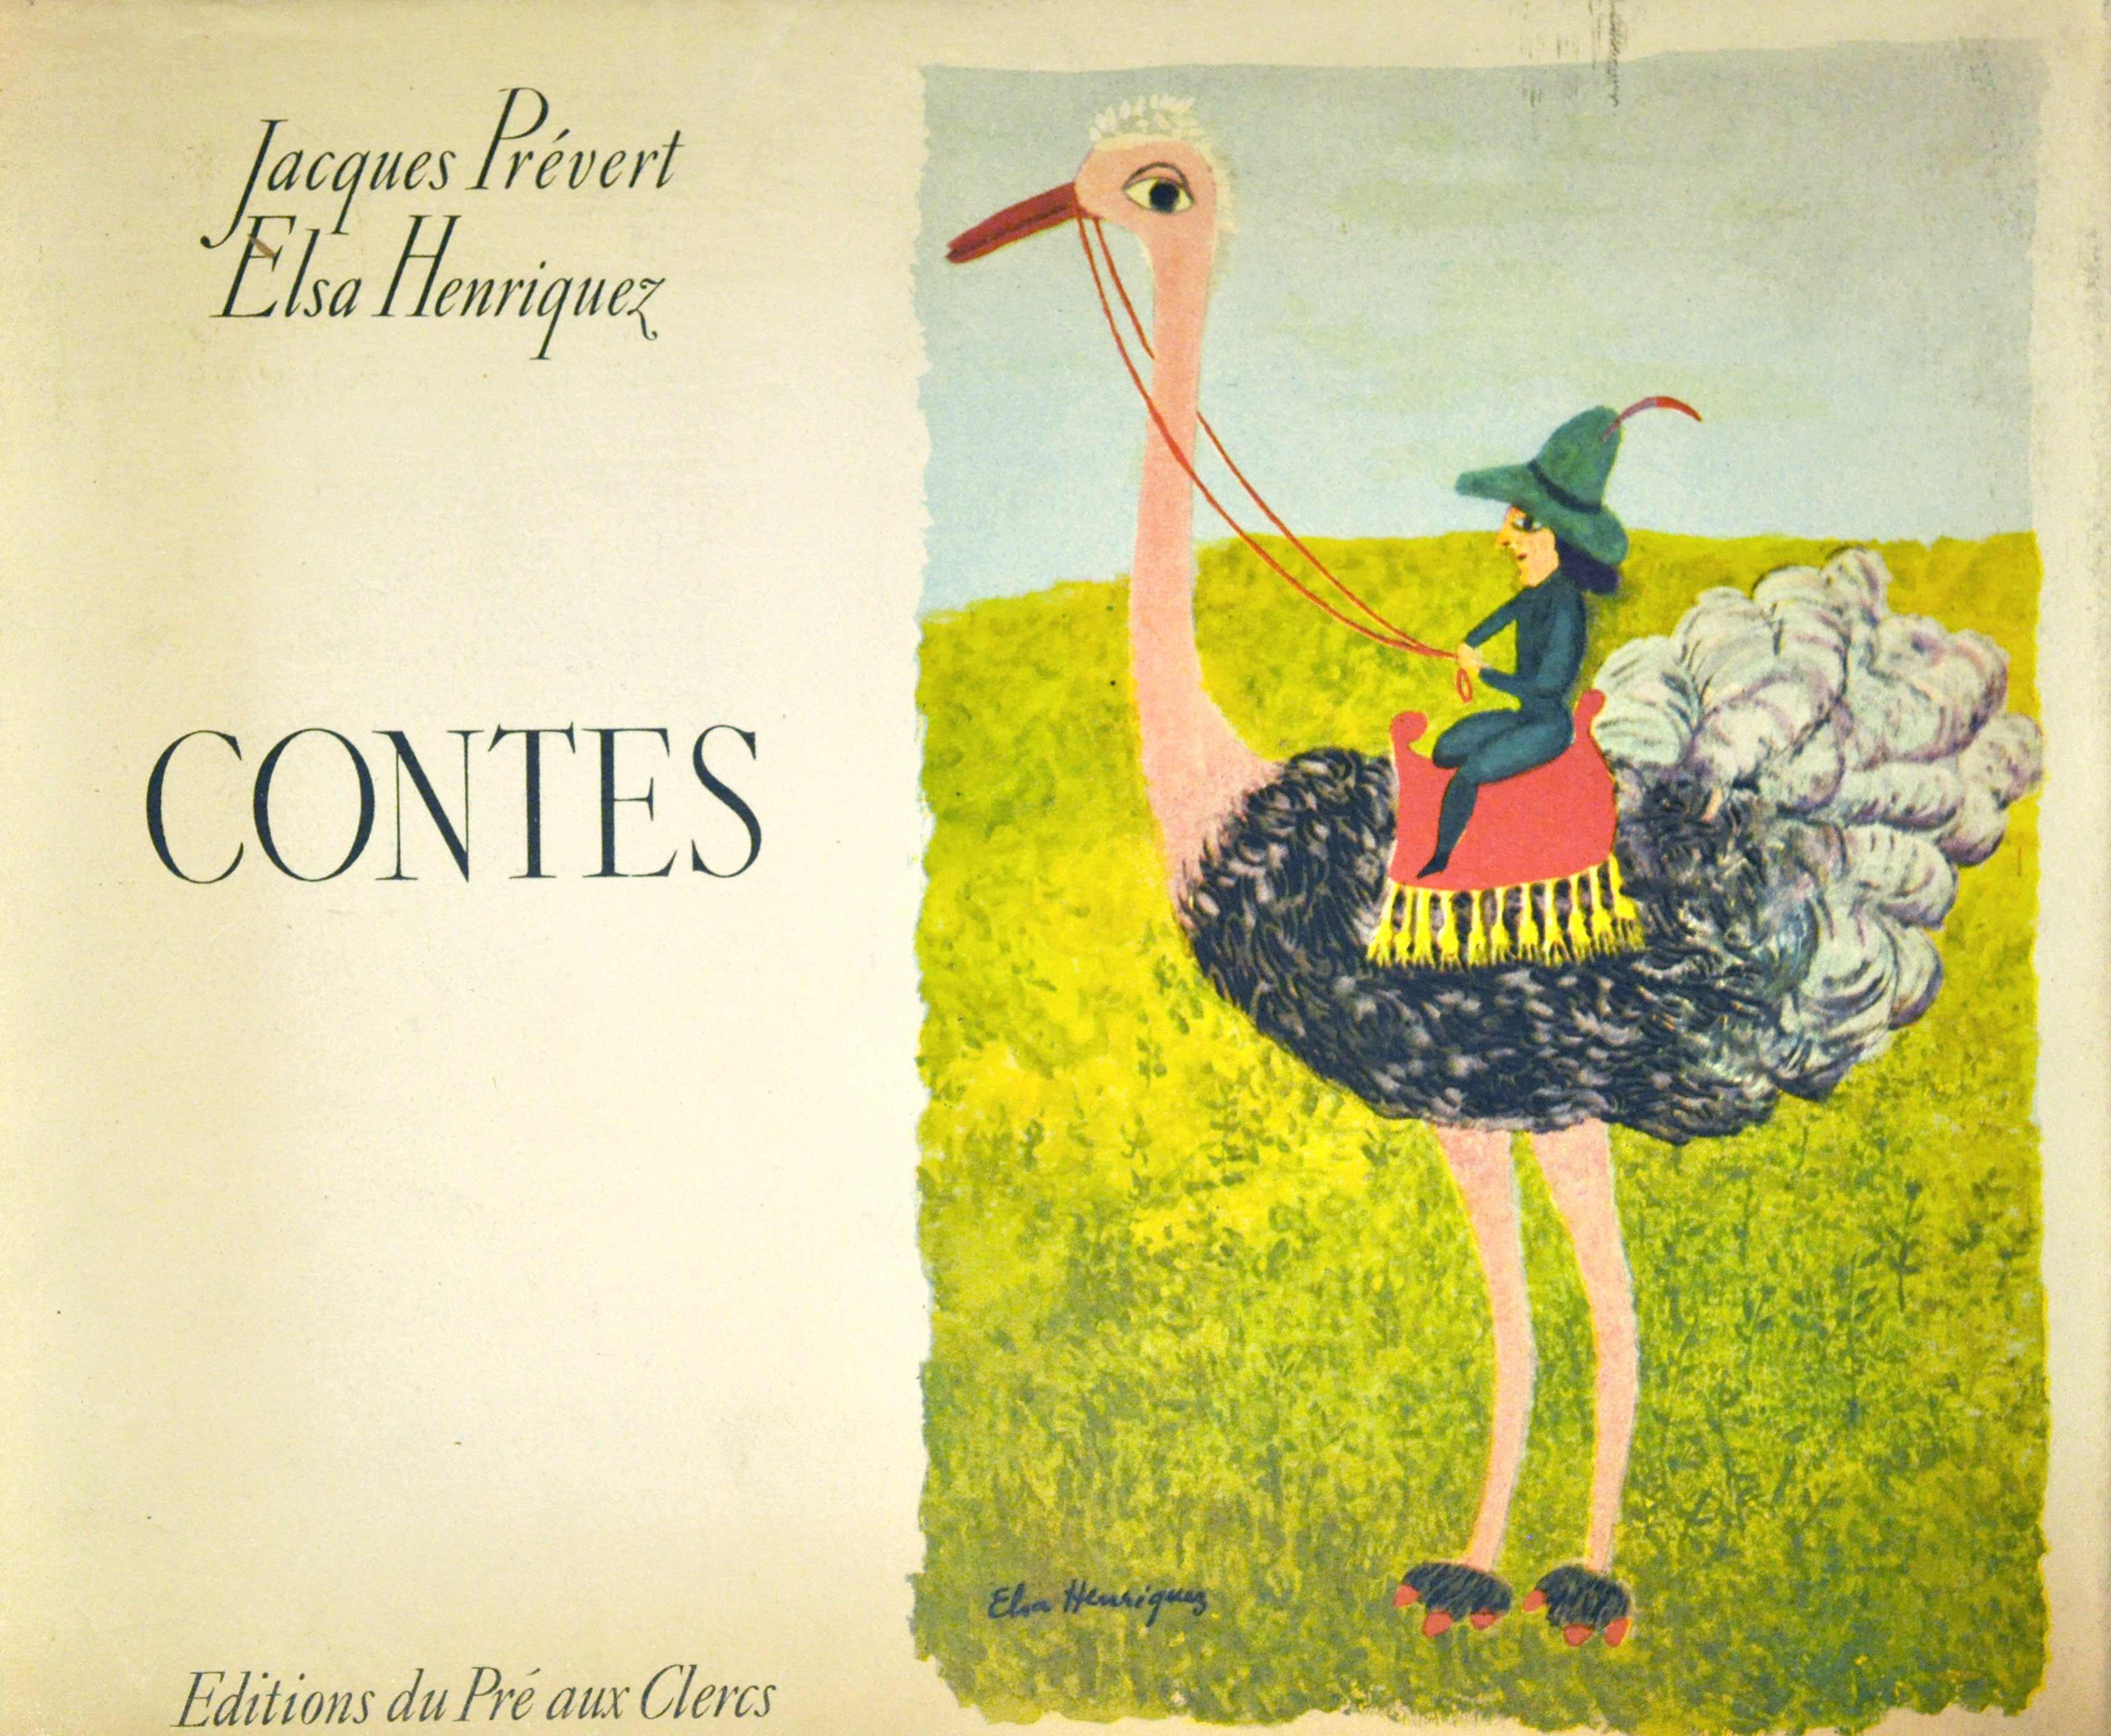 Contes pour les enfants pas sages (André Breton) Jacques Prévert - Illustré par Elsa Henriquez